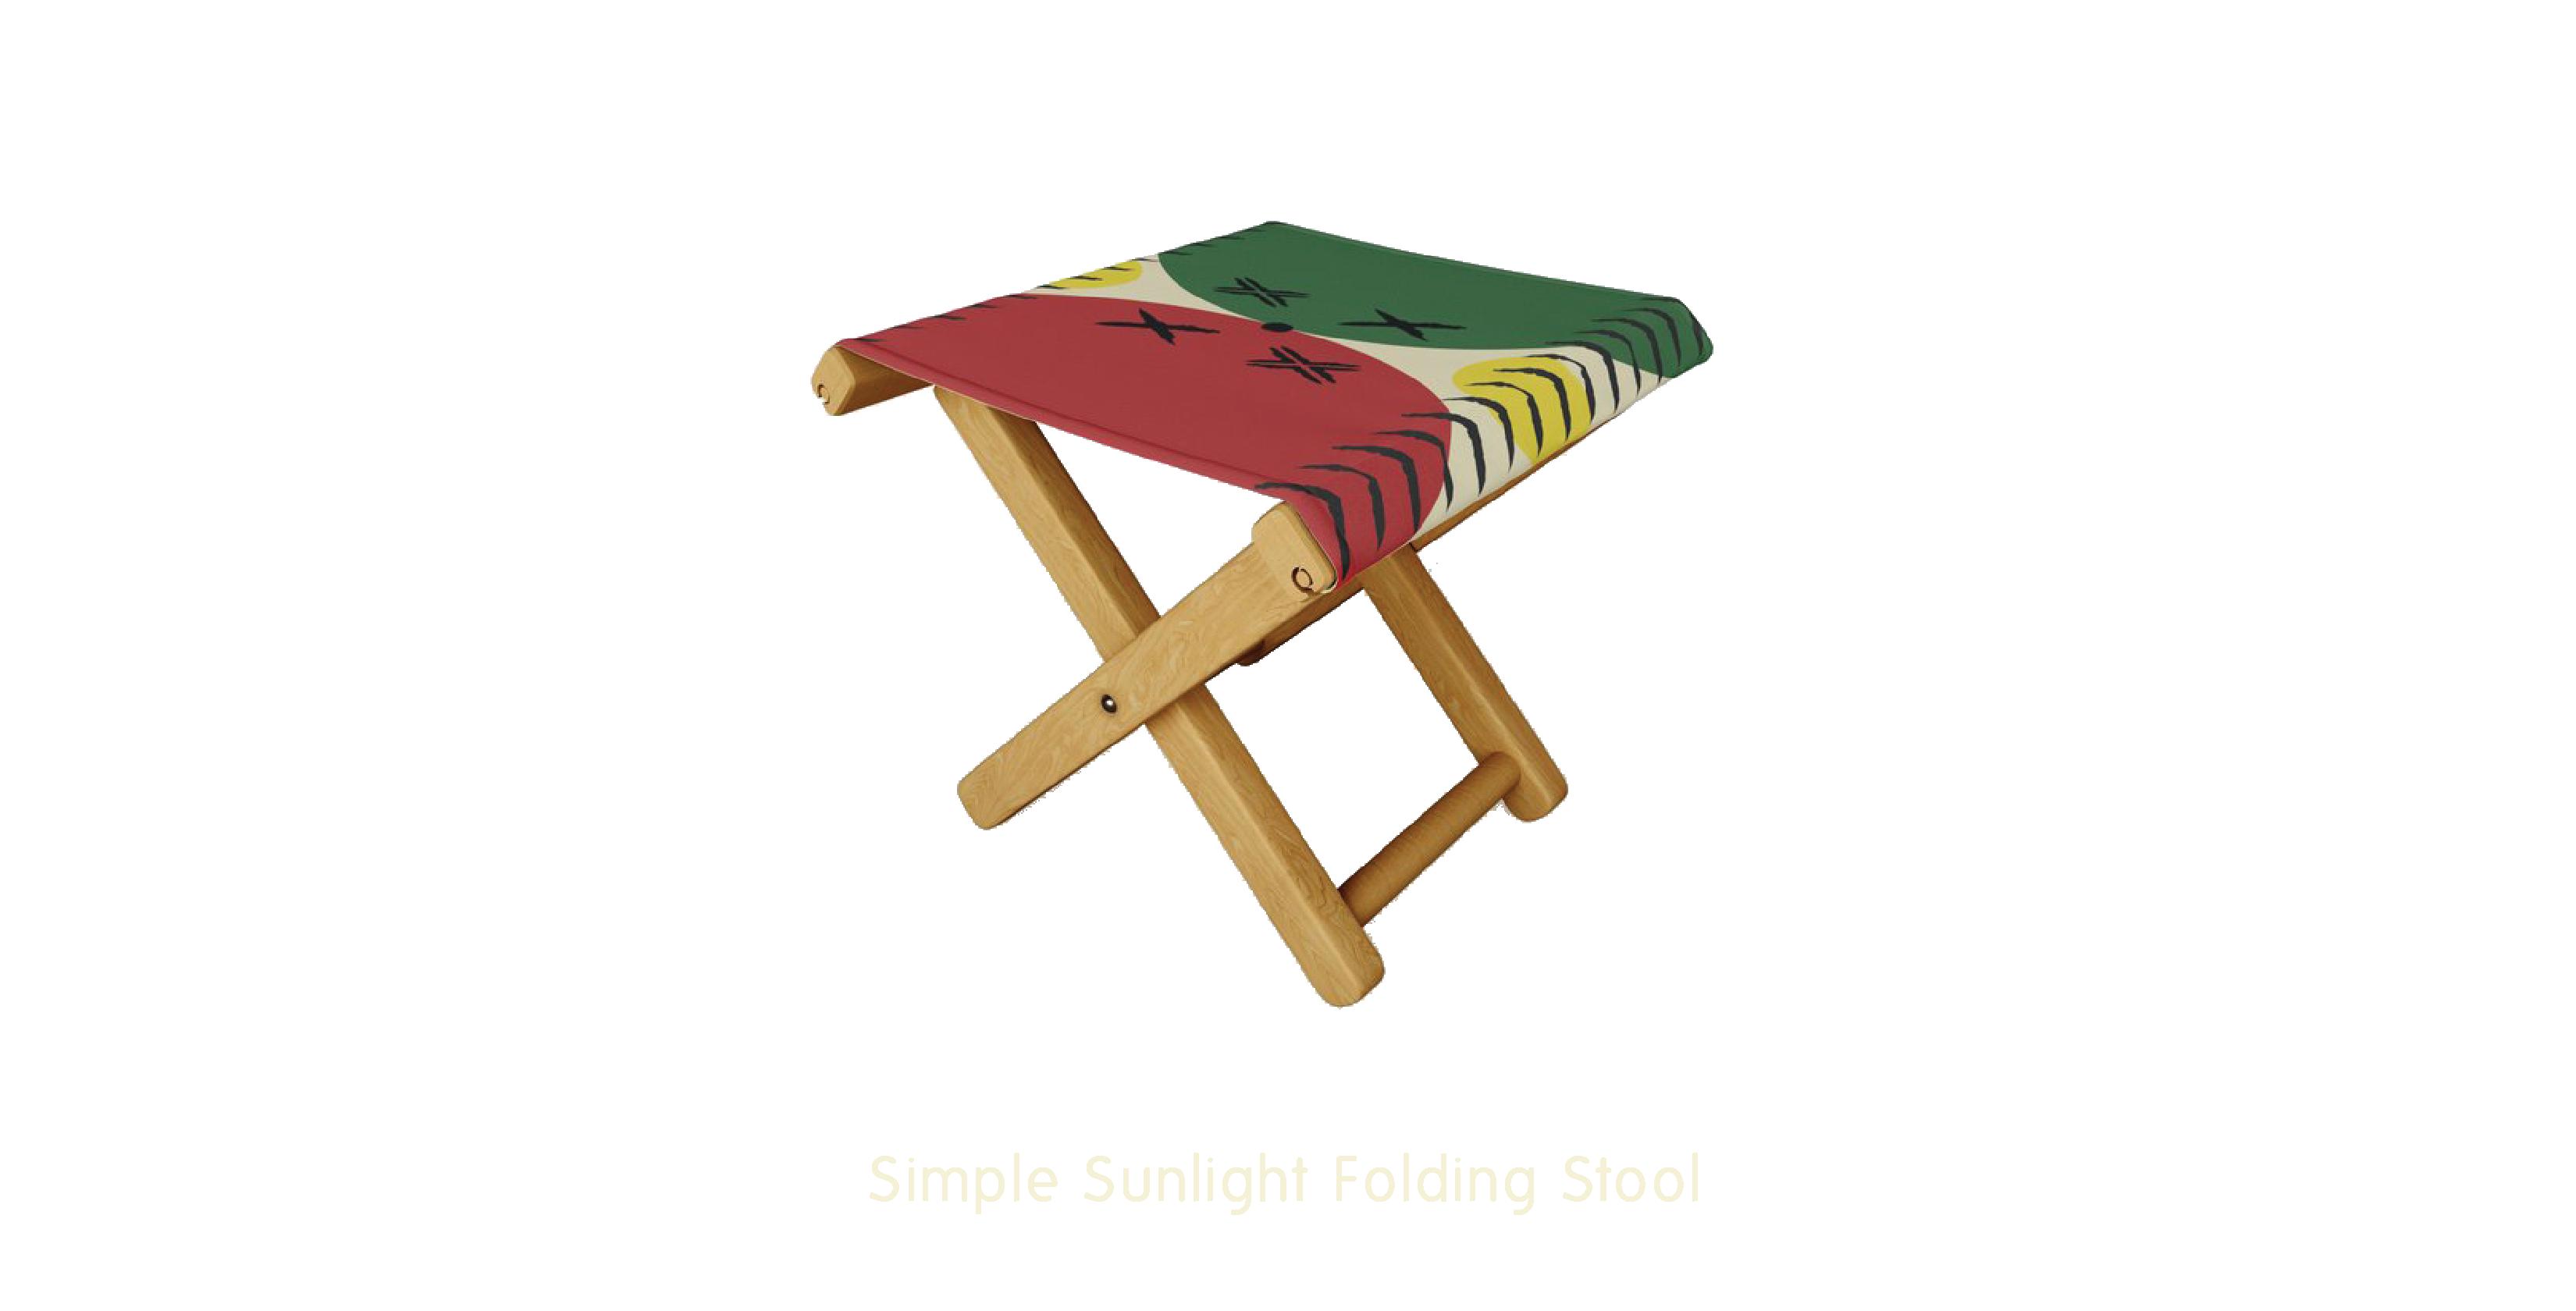 Simple Sunlight Folding S